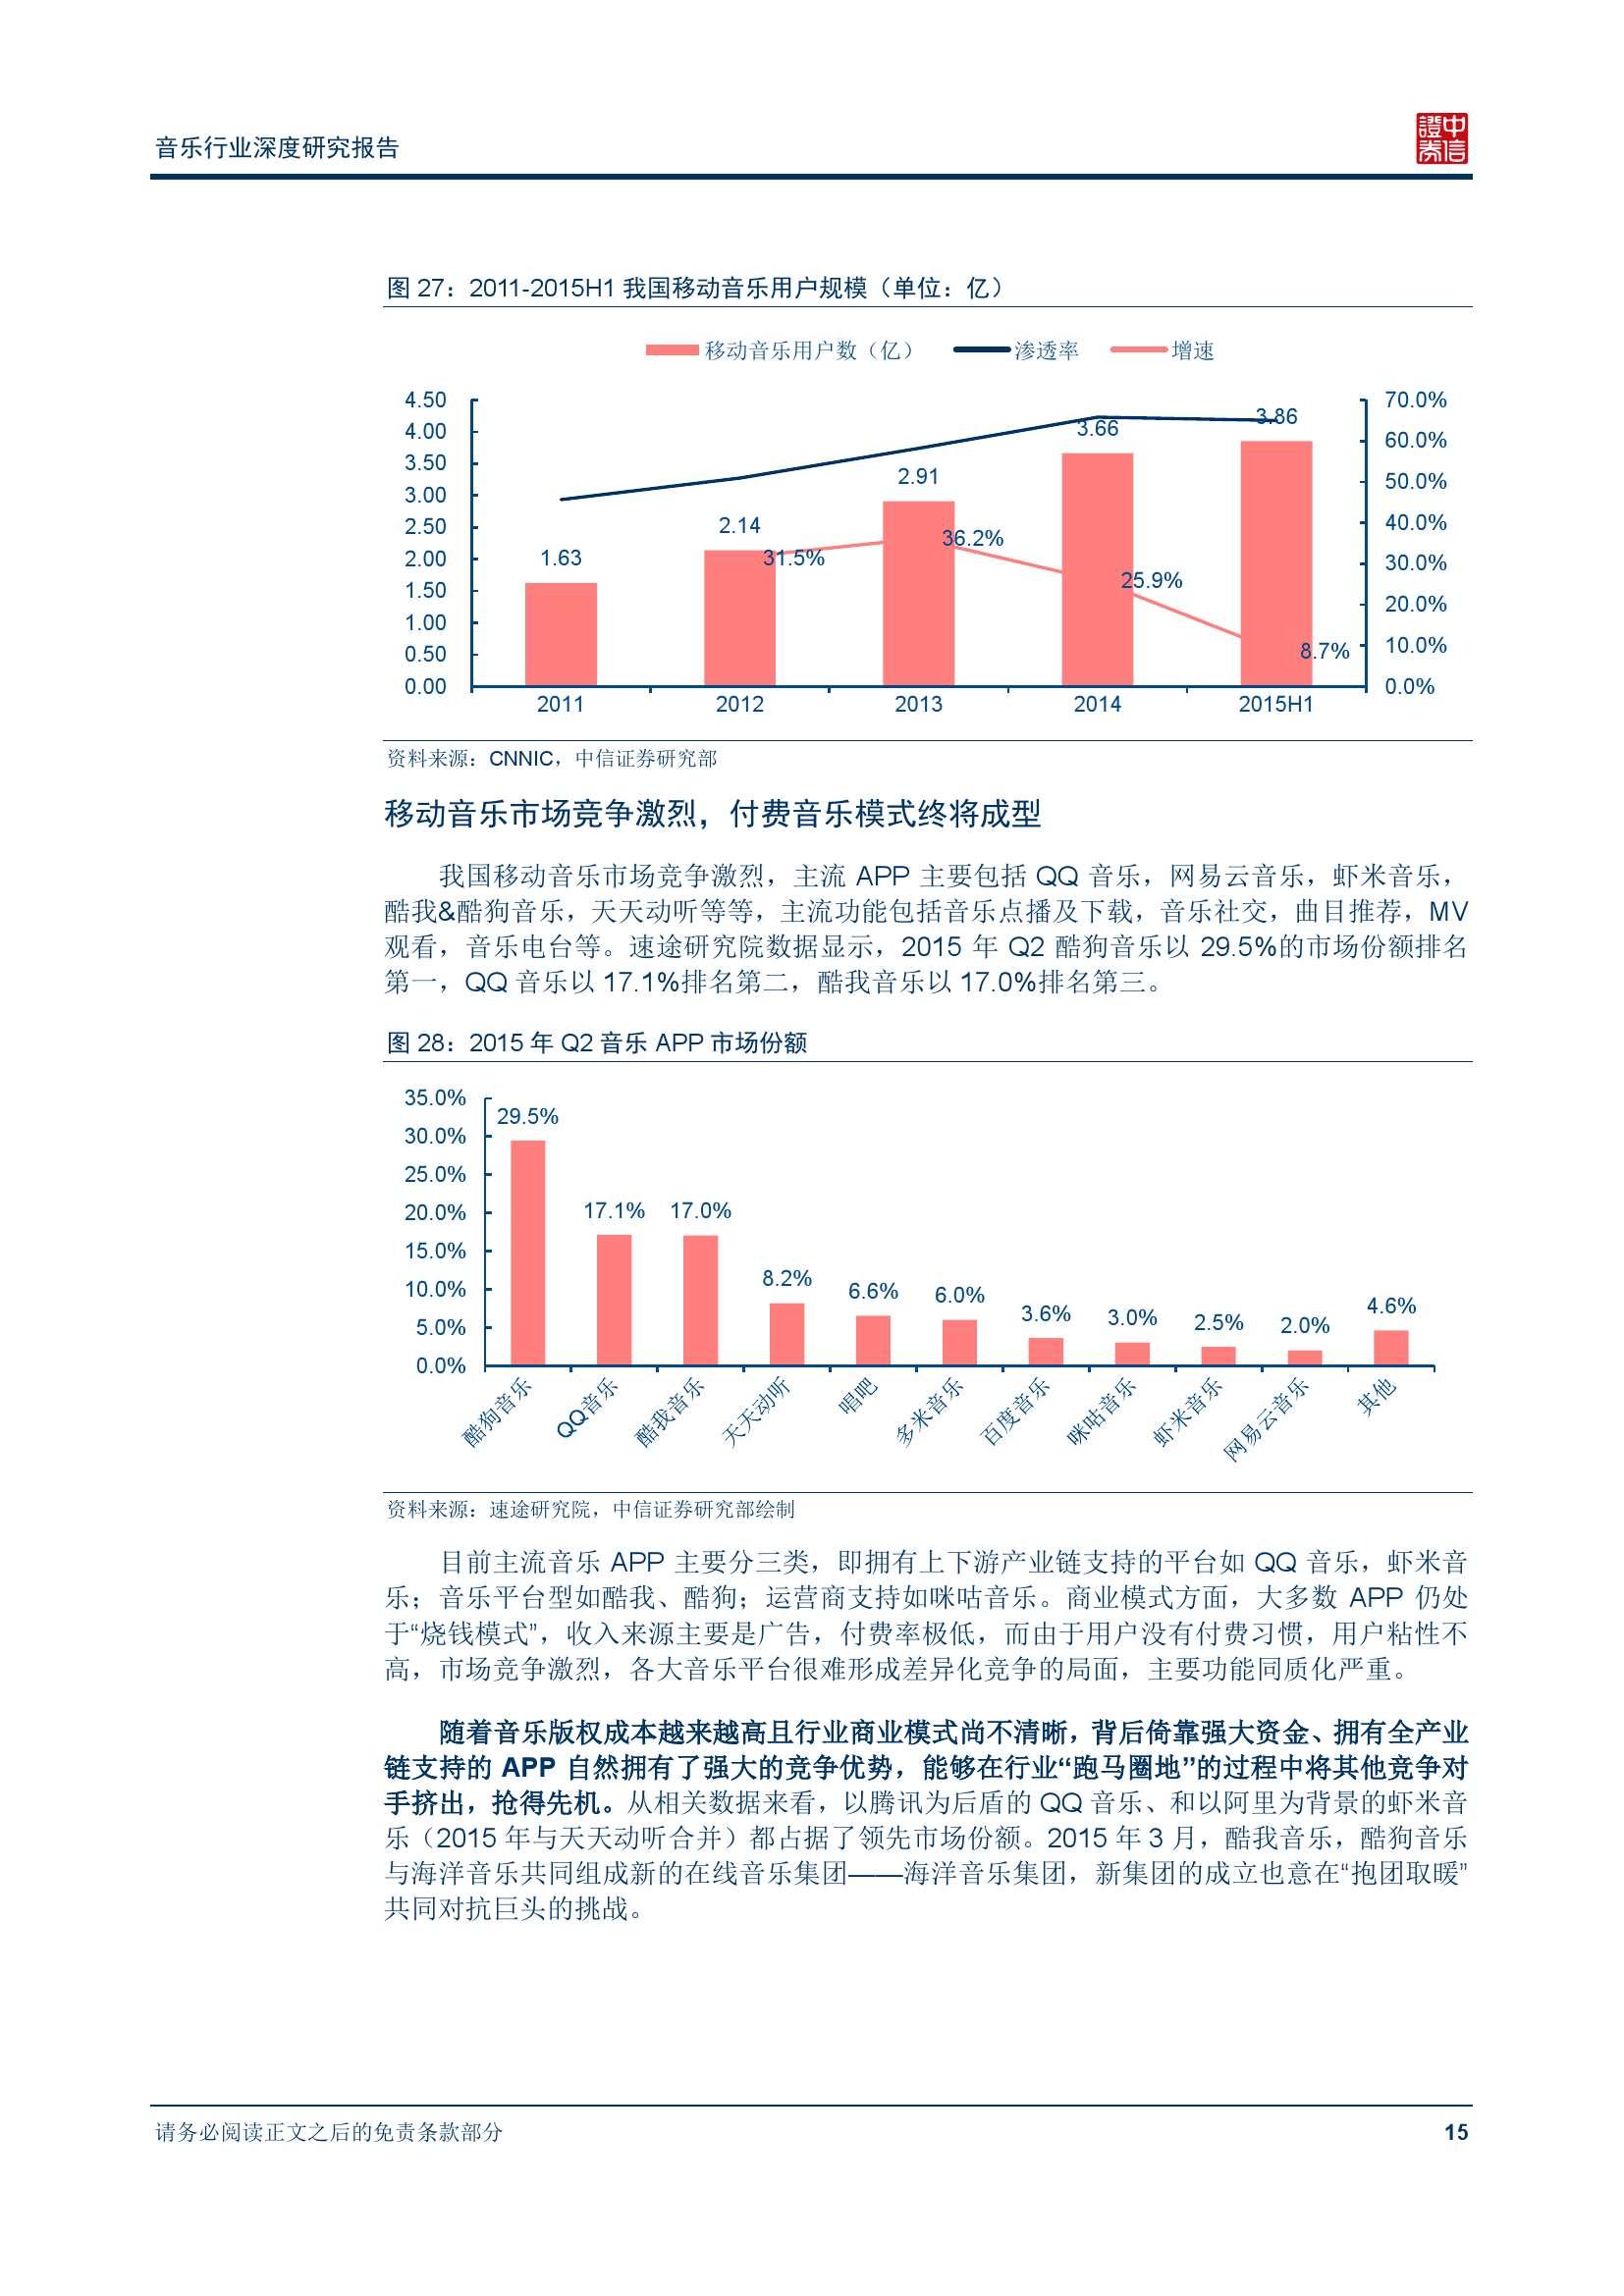 中信证券音乐行业深度研究报告_000020